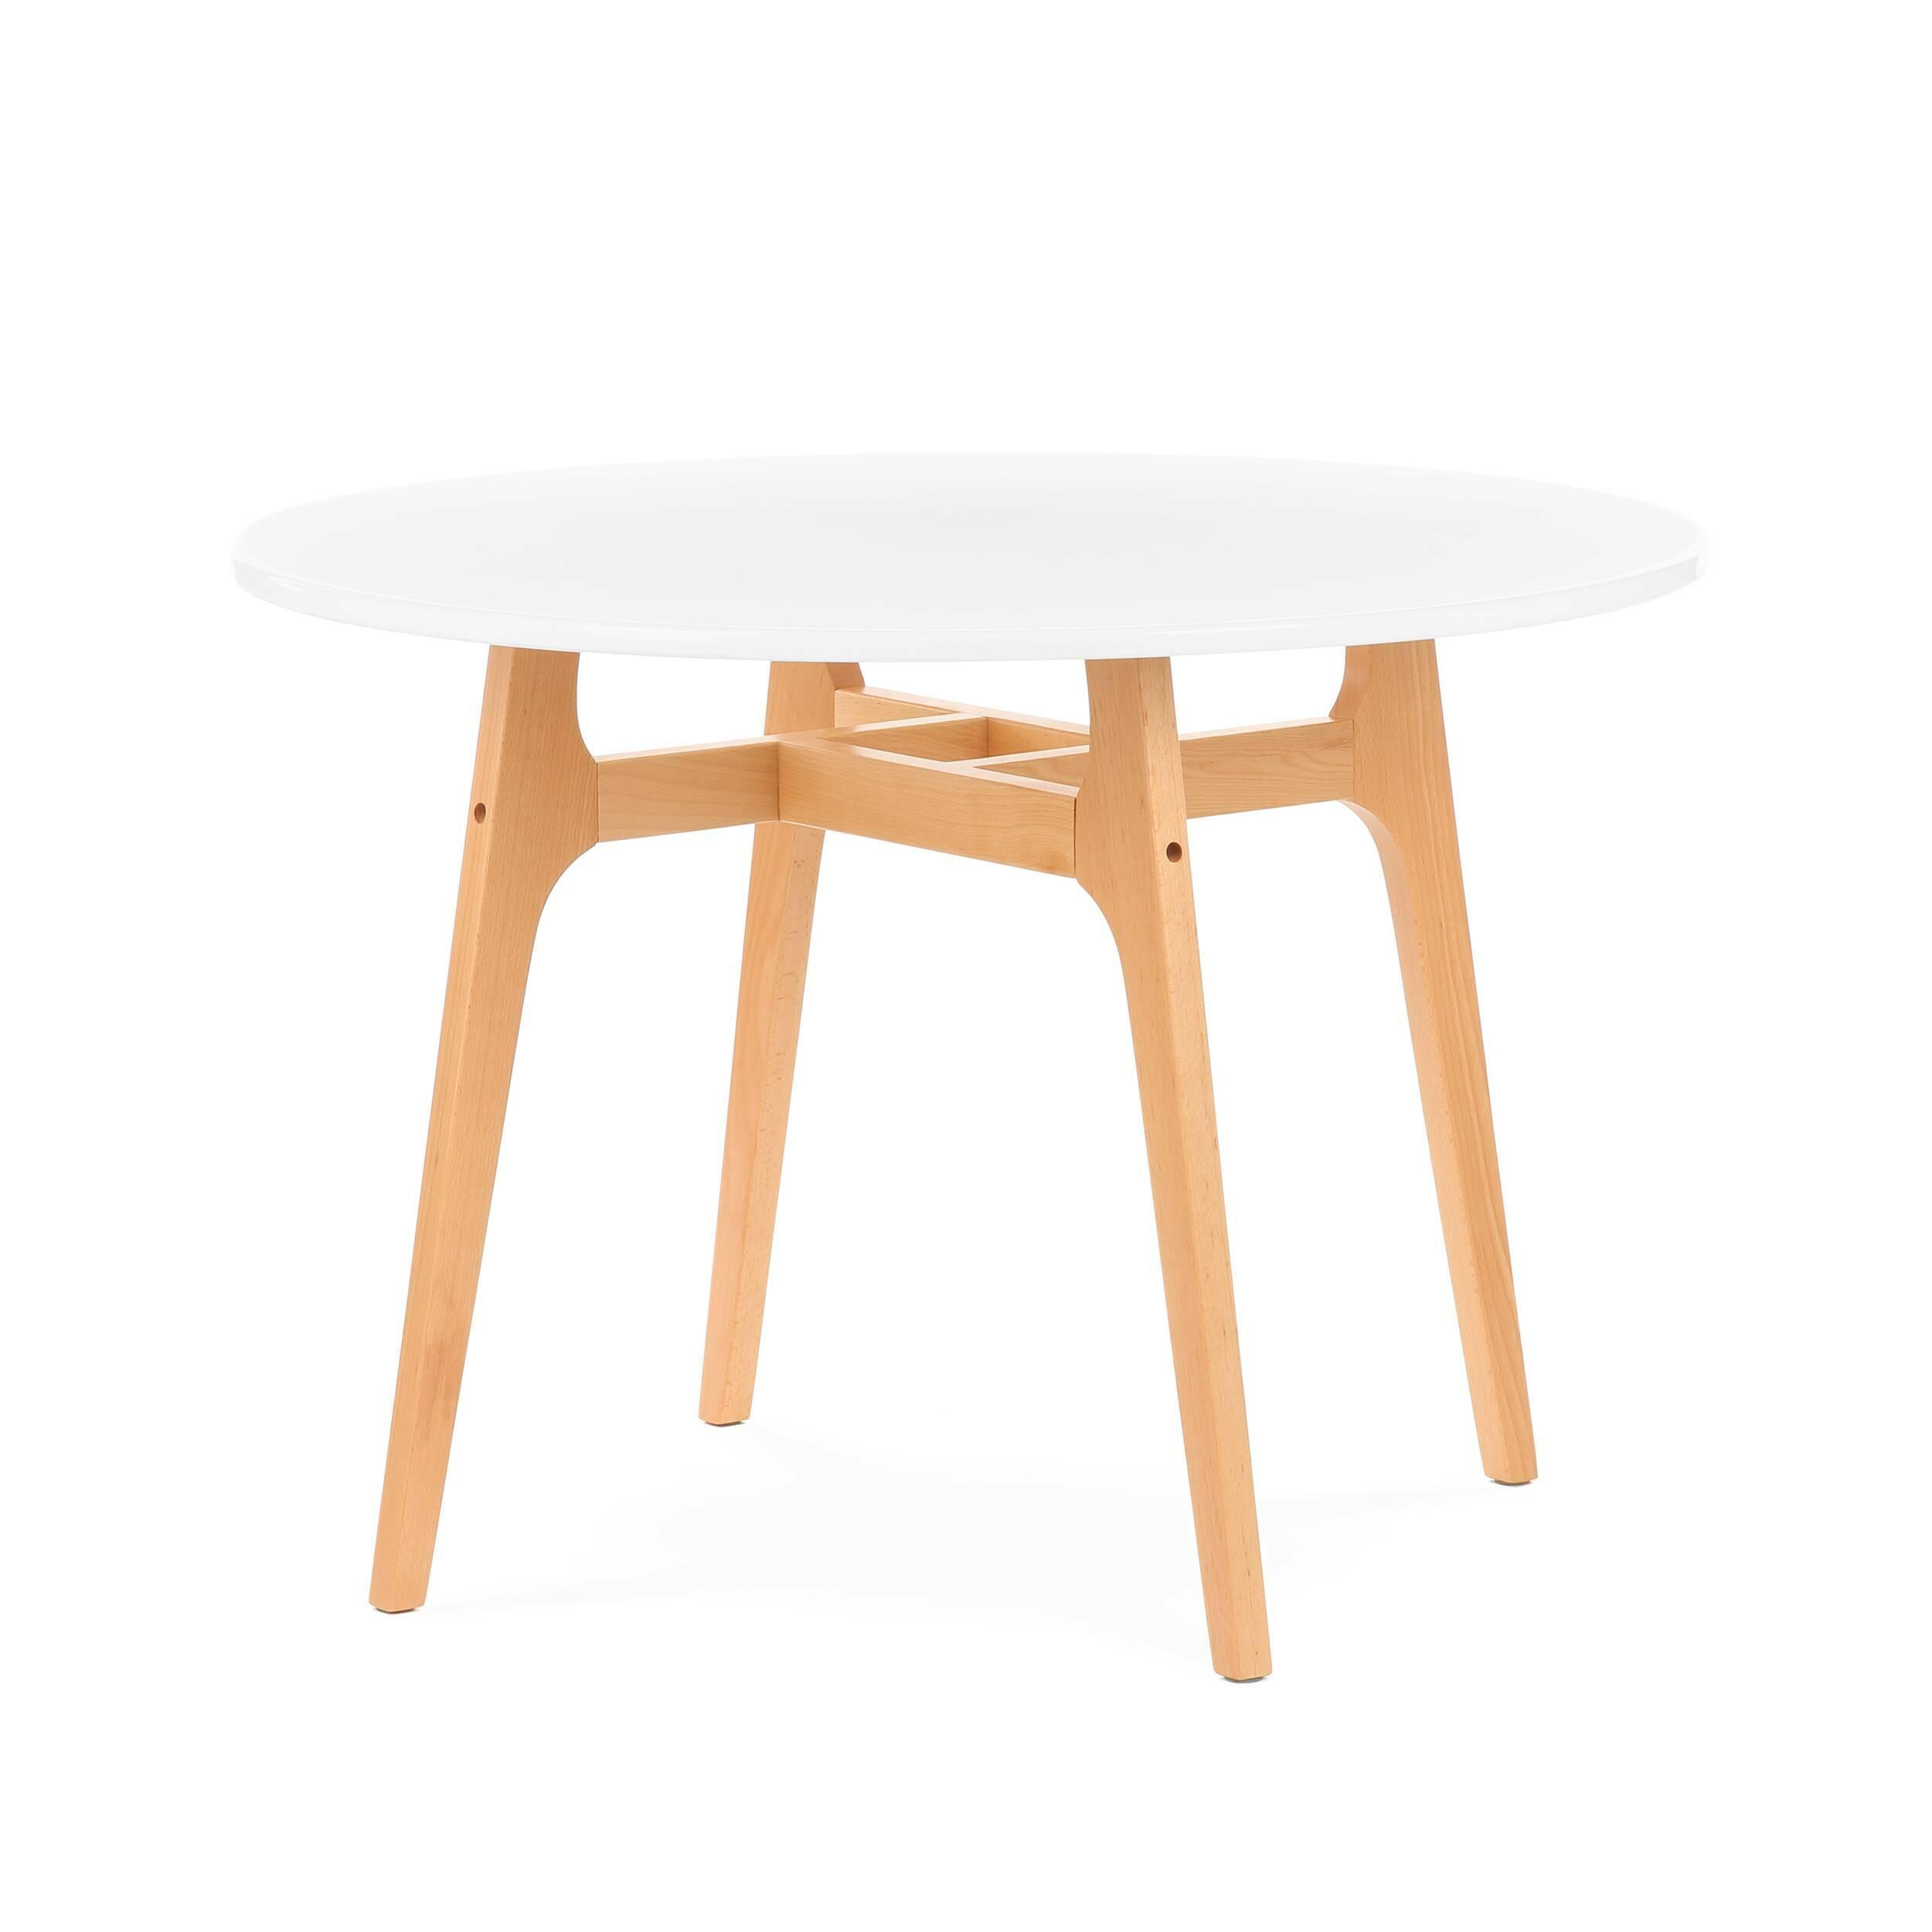 Обеденный стол Eiffel диаметр 100Обеденные<br>Выполненный в стилистике 60-х годов обеденный стол Eiffel диаметр 100 отвечает требованиям к мебели тех времен. Особенно ценились такие качества мебели, как функциональность и лаконичность. Обязательным элементом считались ножки (в данном случае — деревянные), устойчивые и при этом не массивные, которые делали пространство более легким и визуально «прозрачным». К тому же такое решение существенно упрощало уборку помещения. Высоко ценилась простота и отсутствие излишнего декора, и гладкая ...<br><br>stock: 22<br>Высота: 71<br>Диаметр: 100<br>Цвет ножек: Светло-коричневый<br>Цвет столешницы: Белый<br>Материал ножек: Массив бука<br>Тип материала столешницы: Полипропилен<br>Тип материала ножек: Дерево